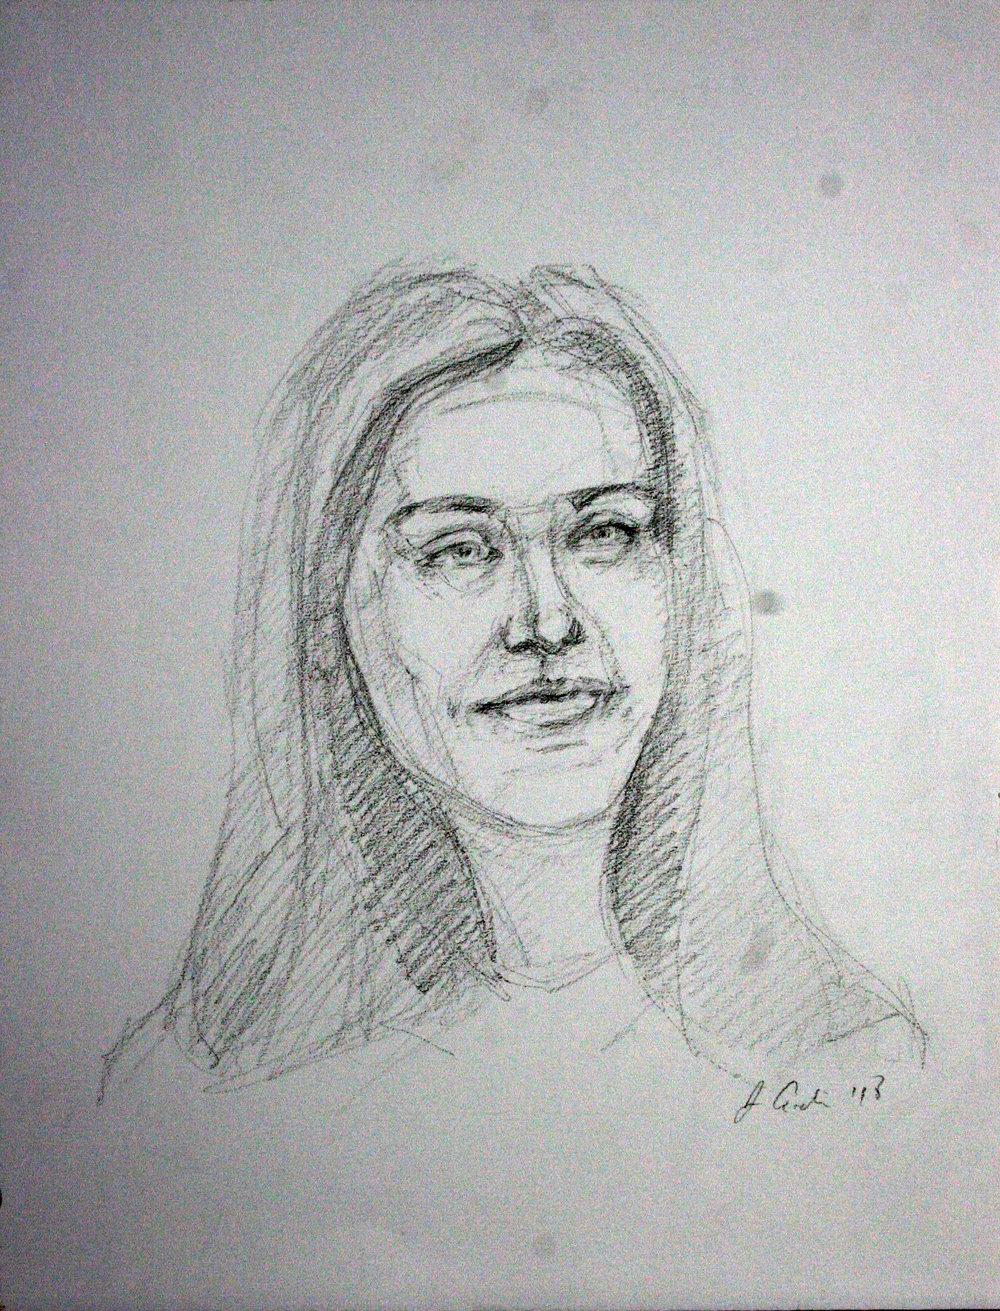 Jeff Erdie did this drawing of Tillie.